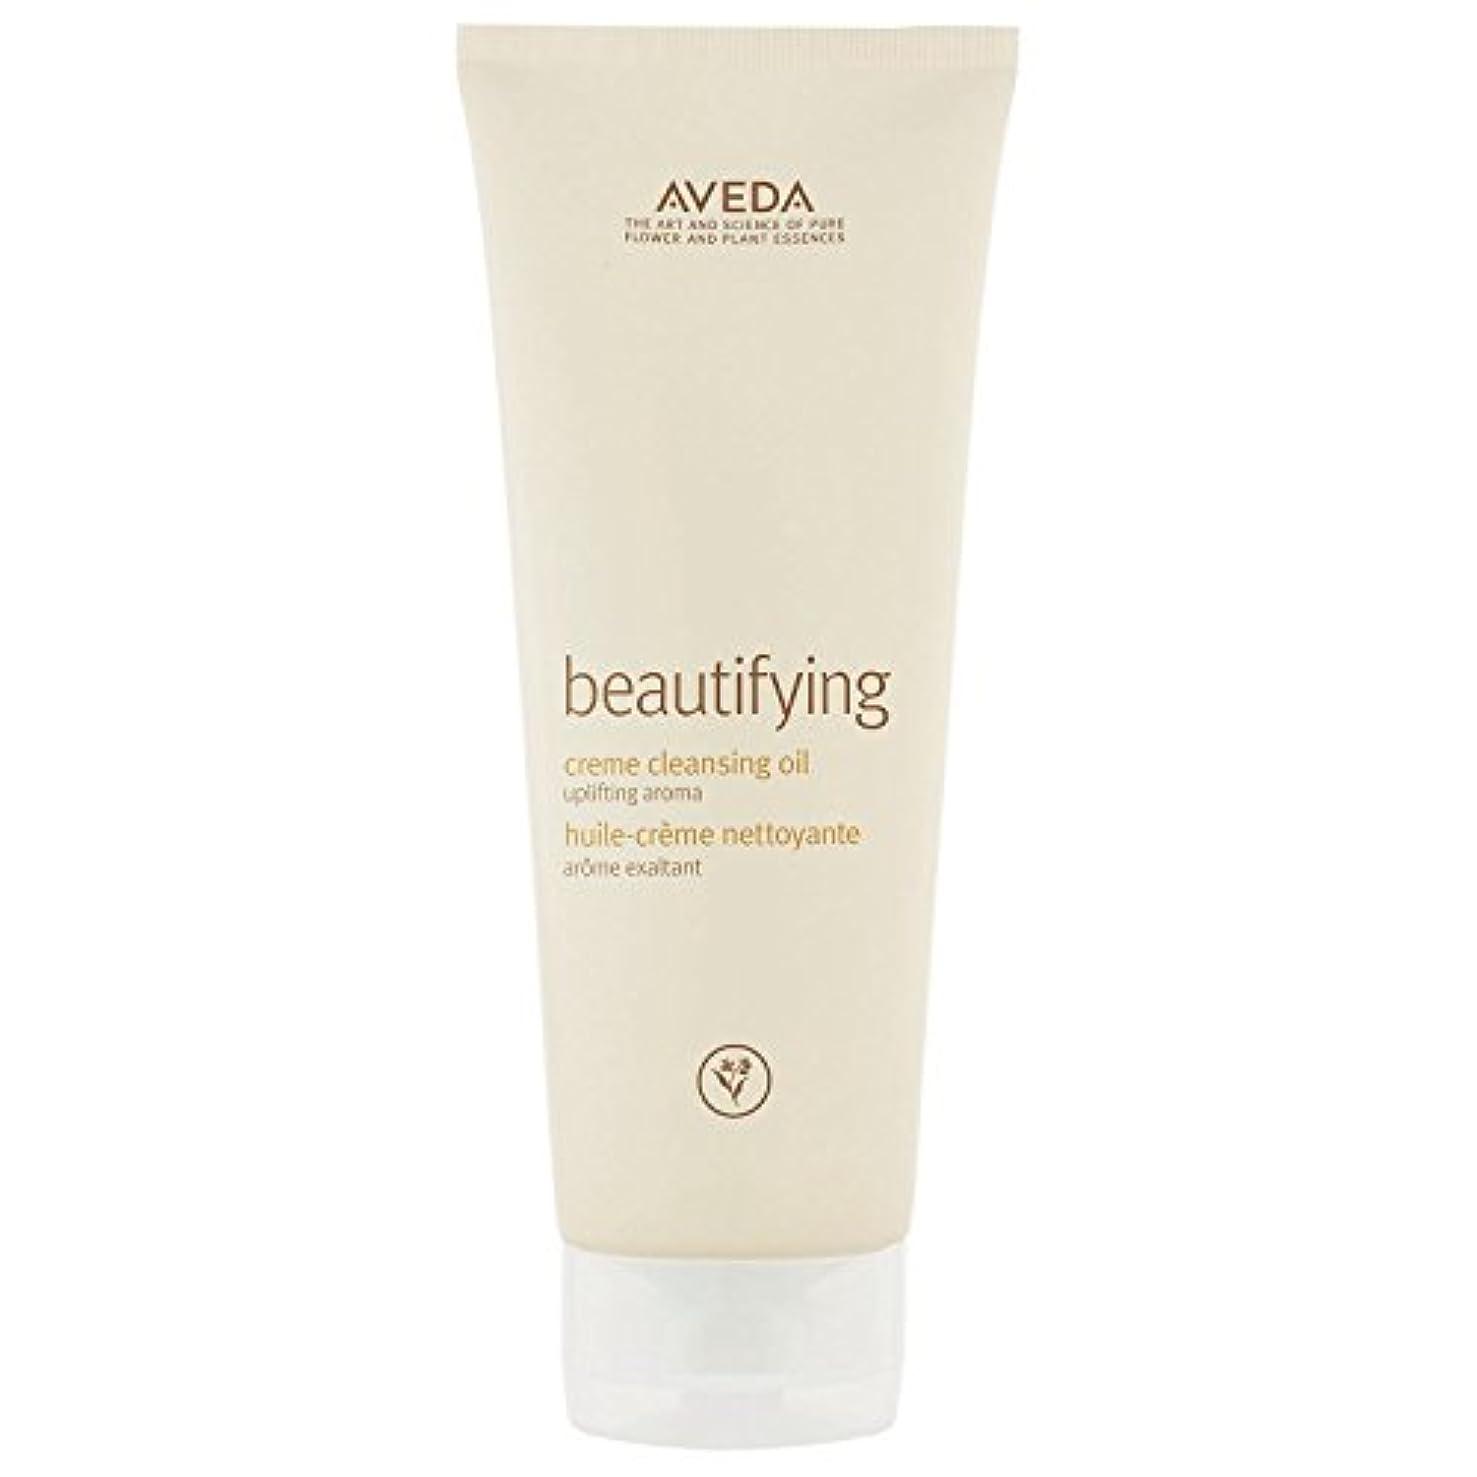 ふりをする望まないサンプル[AVEDA] アヴェダクリームボディクレンザーオイル200ミリリットルを美化 - Aveda Beautifying Cream Body Cleanser Oil 200ml [並行輸入品]